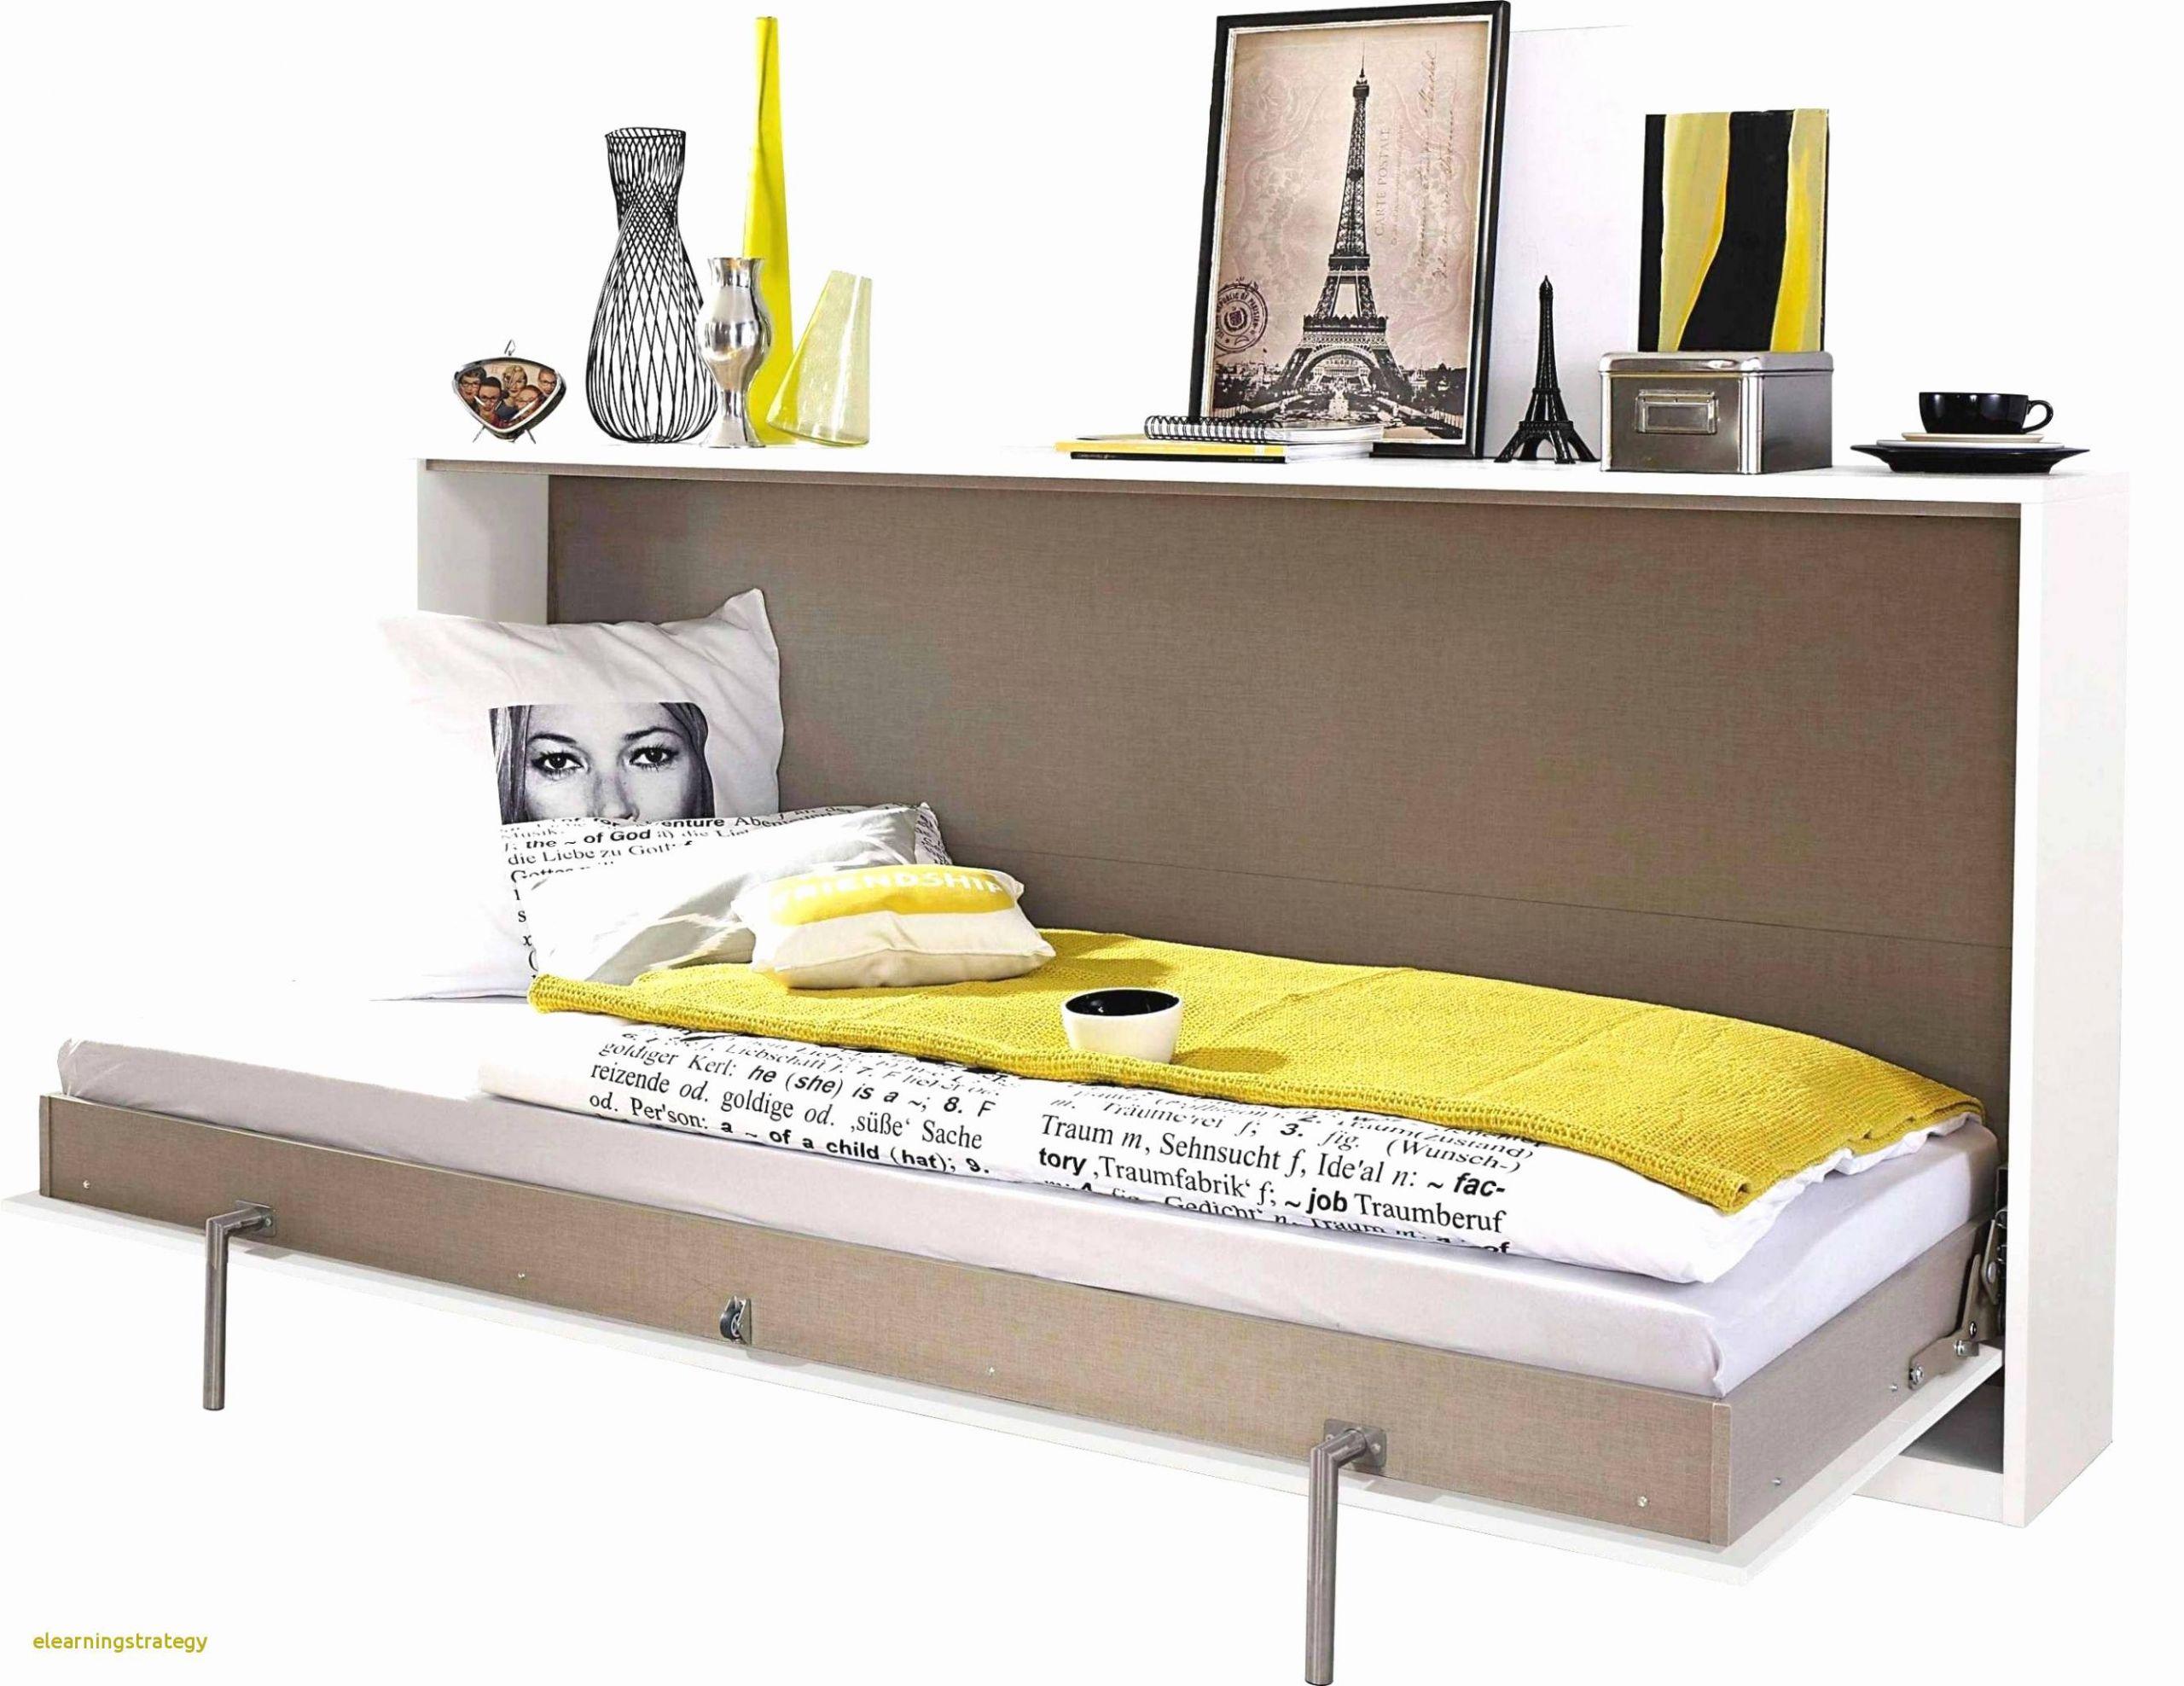 deko sideboard wohnzimmer lovely sideboard schwarz holz konzept 31 billig ses jahr of deko sideboard wohnzimmer